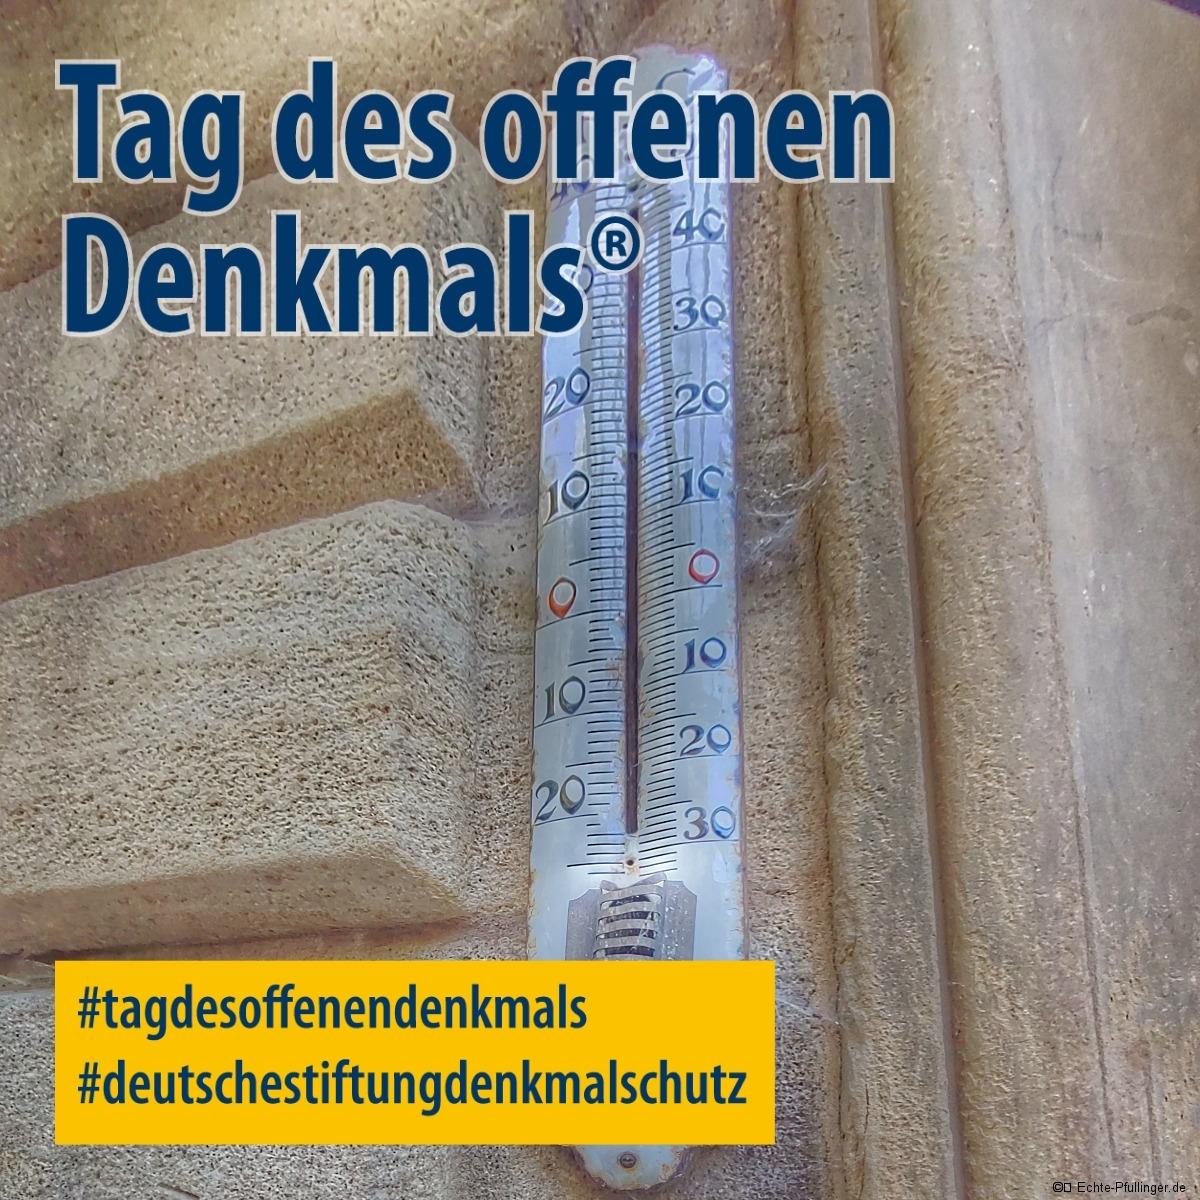 IMG_20210902_142327508-01-tag_des_offenen_denkmals-facebook1